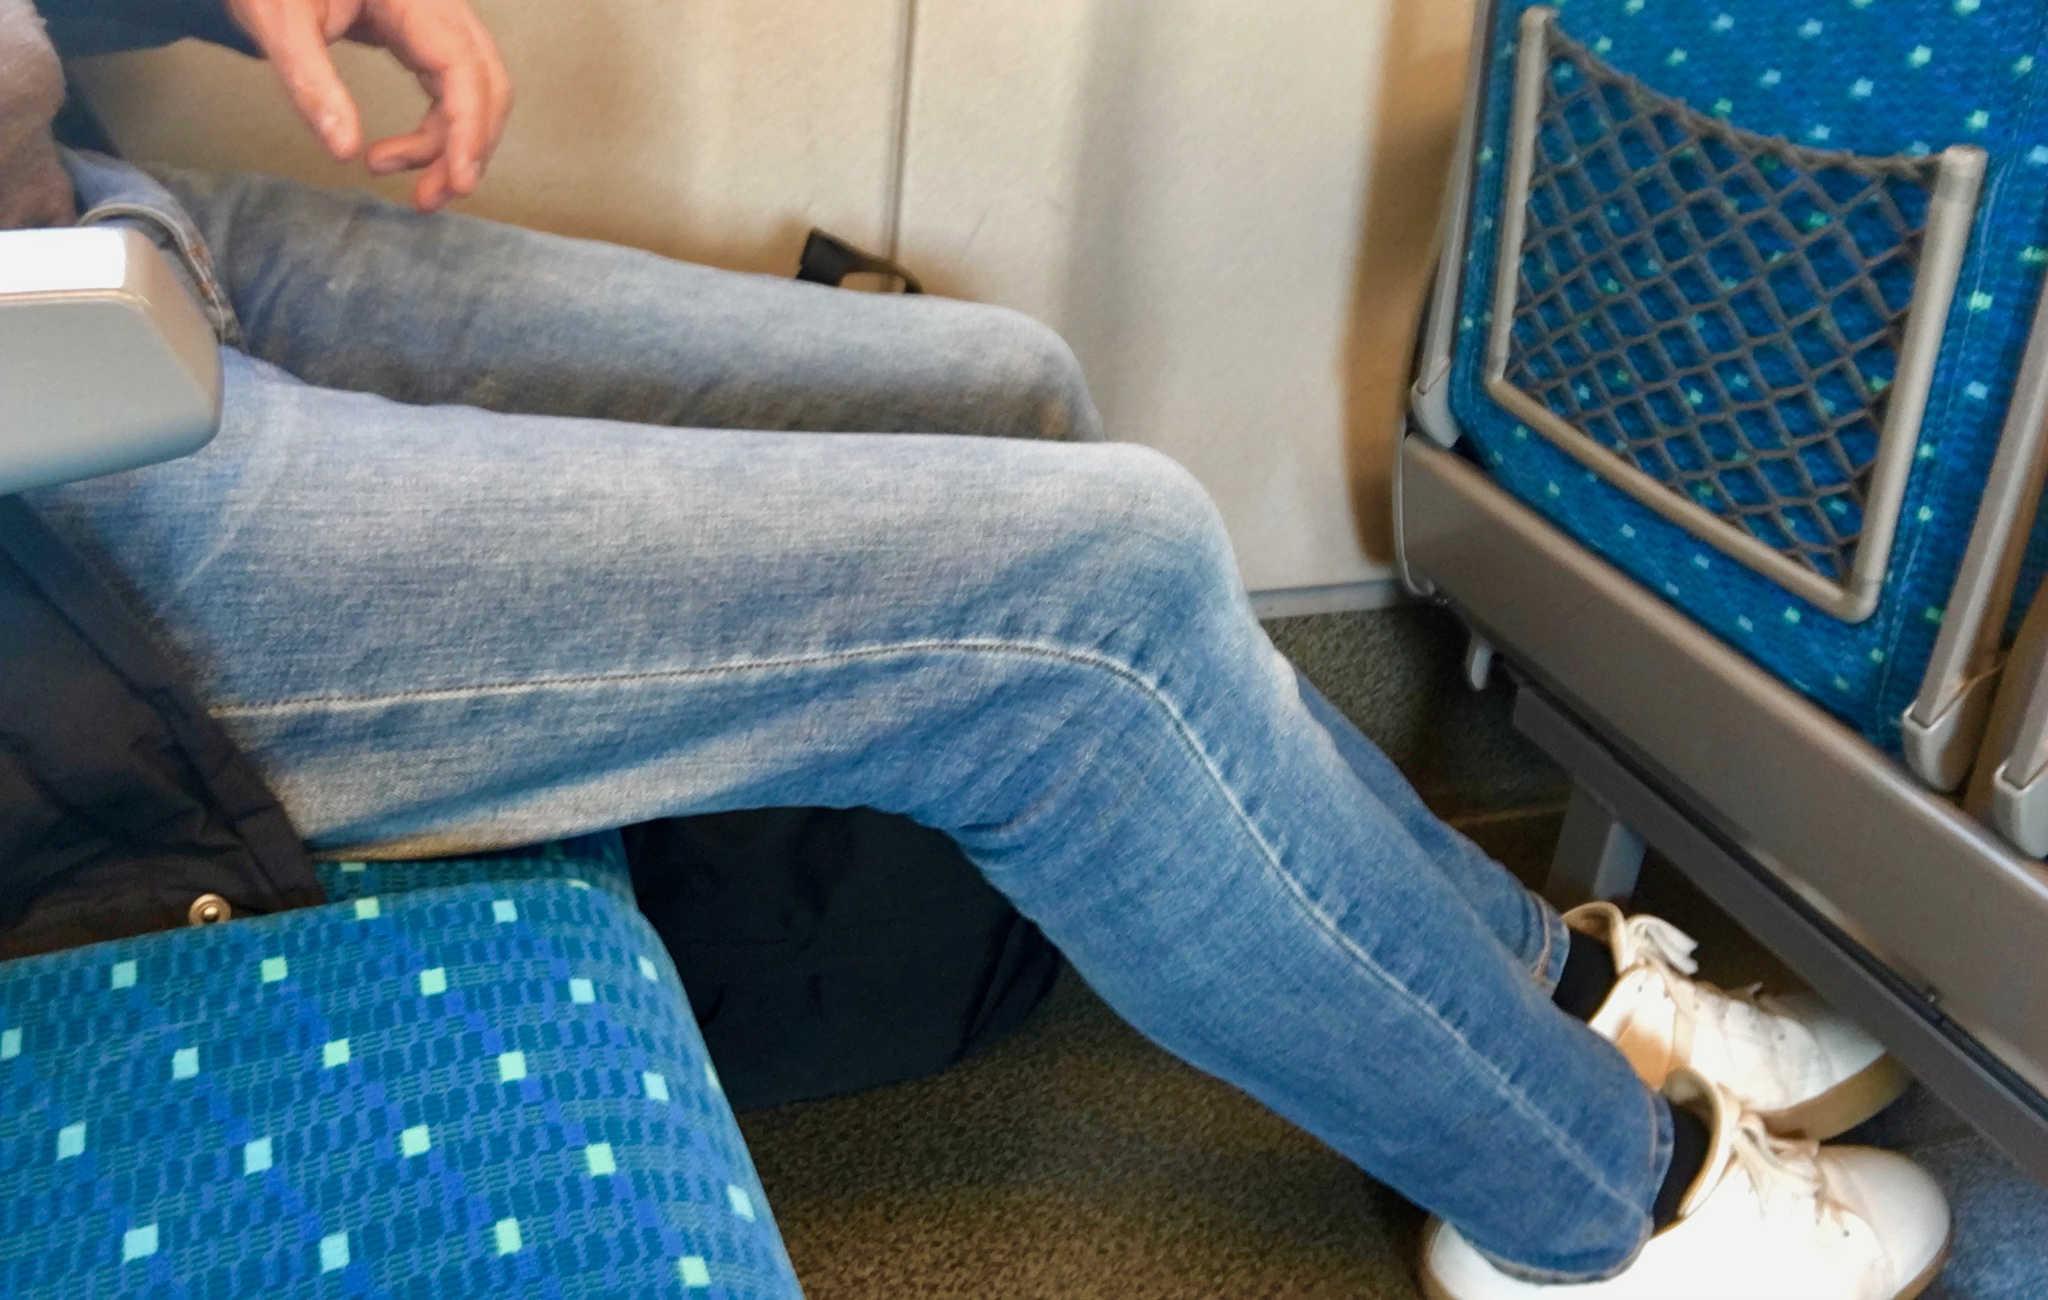 Il y a vraiment beaucoup de place pour les jambes dans le shinkansen, le confort est optimum